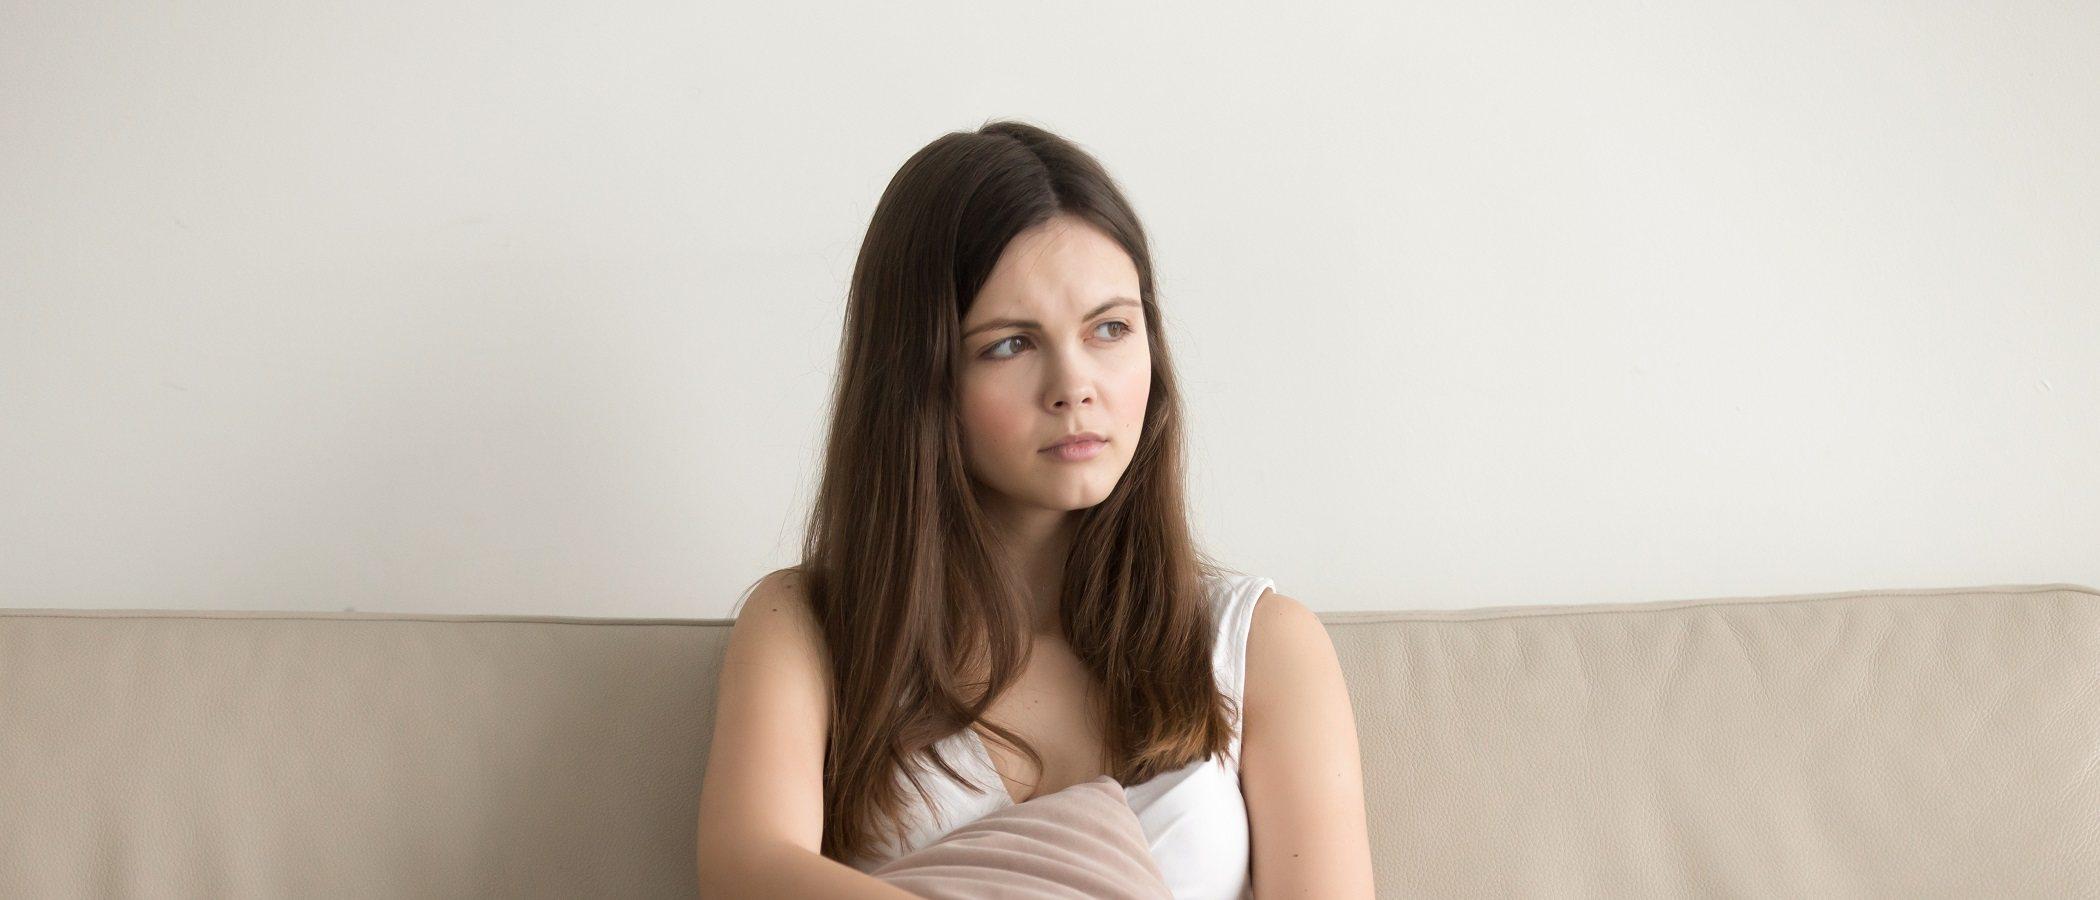 Cambios repentinos en el comportamiento adolescente